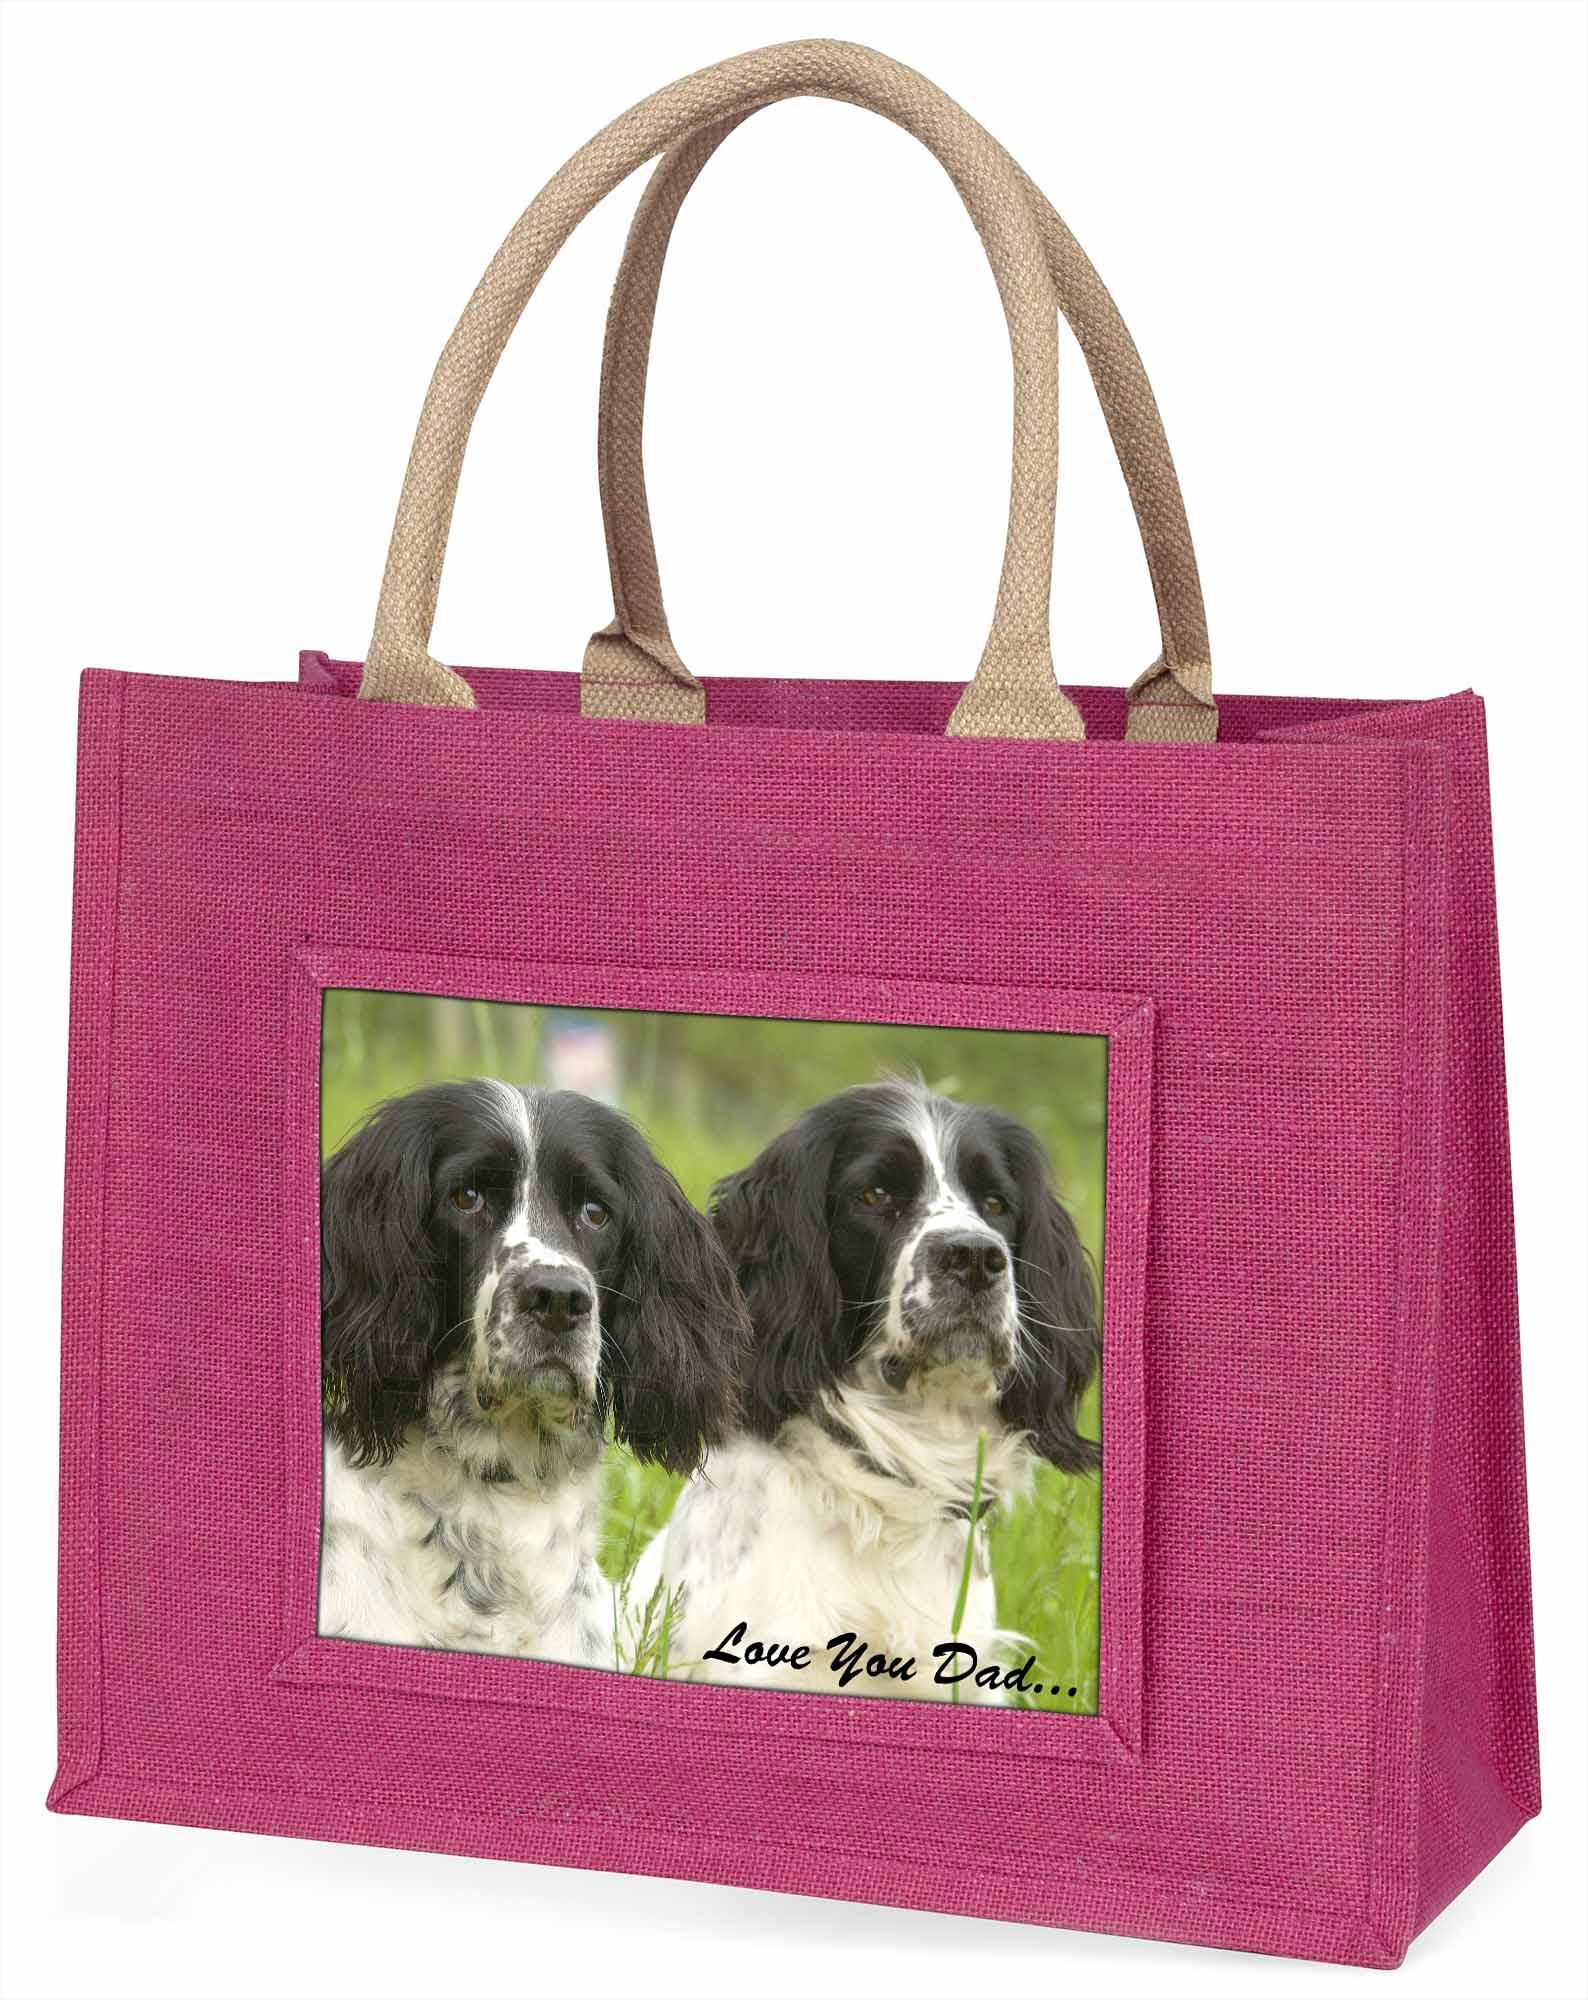 Springer Spaniel Hunde' liebe Dich Papa' große rosa Einkaufstasche Weihnachten,